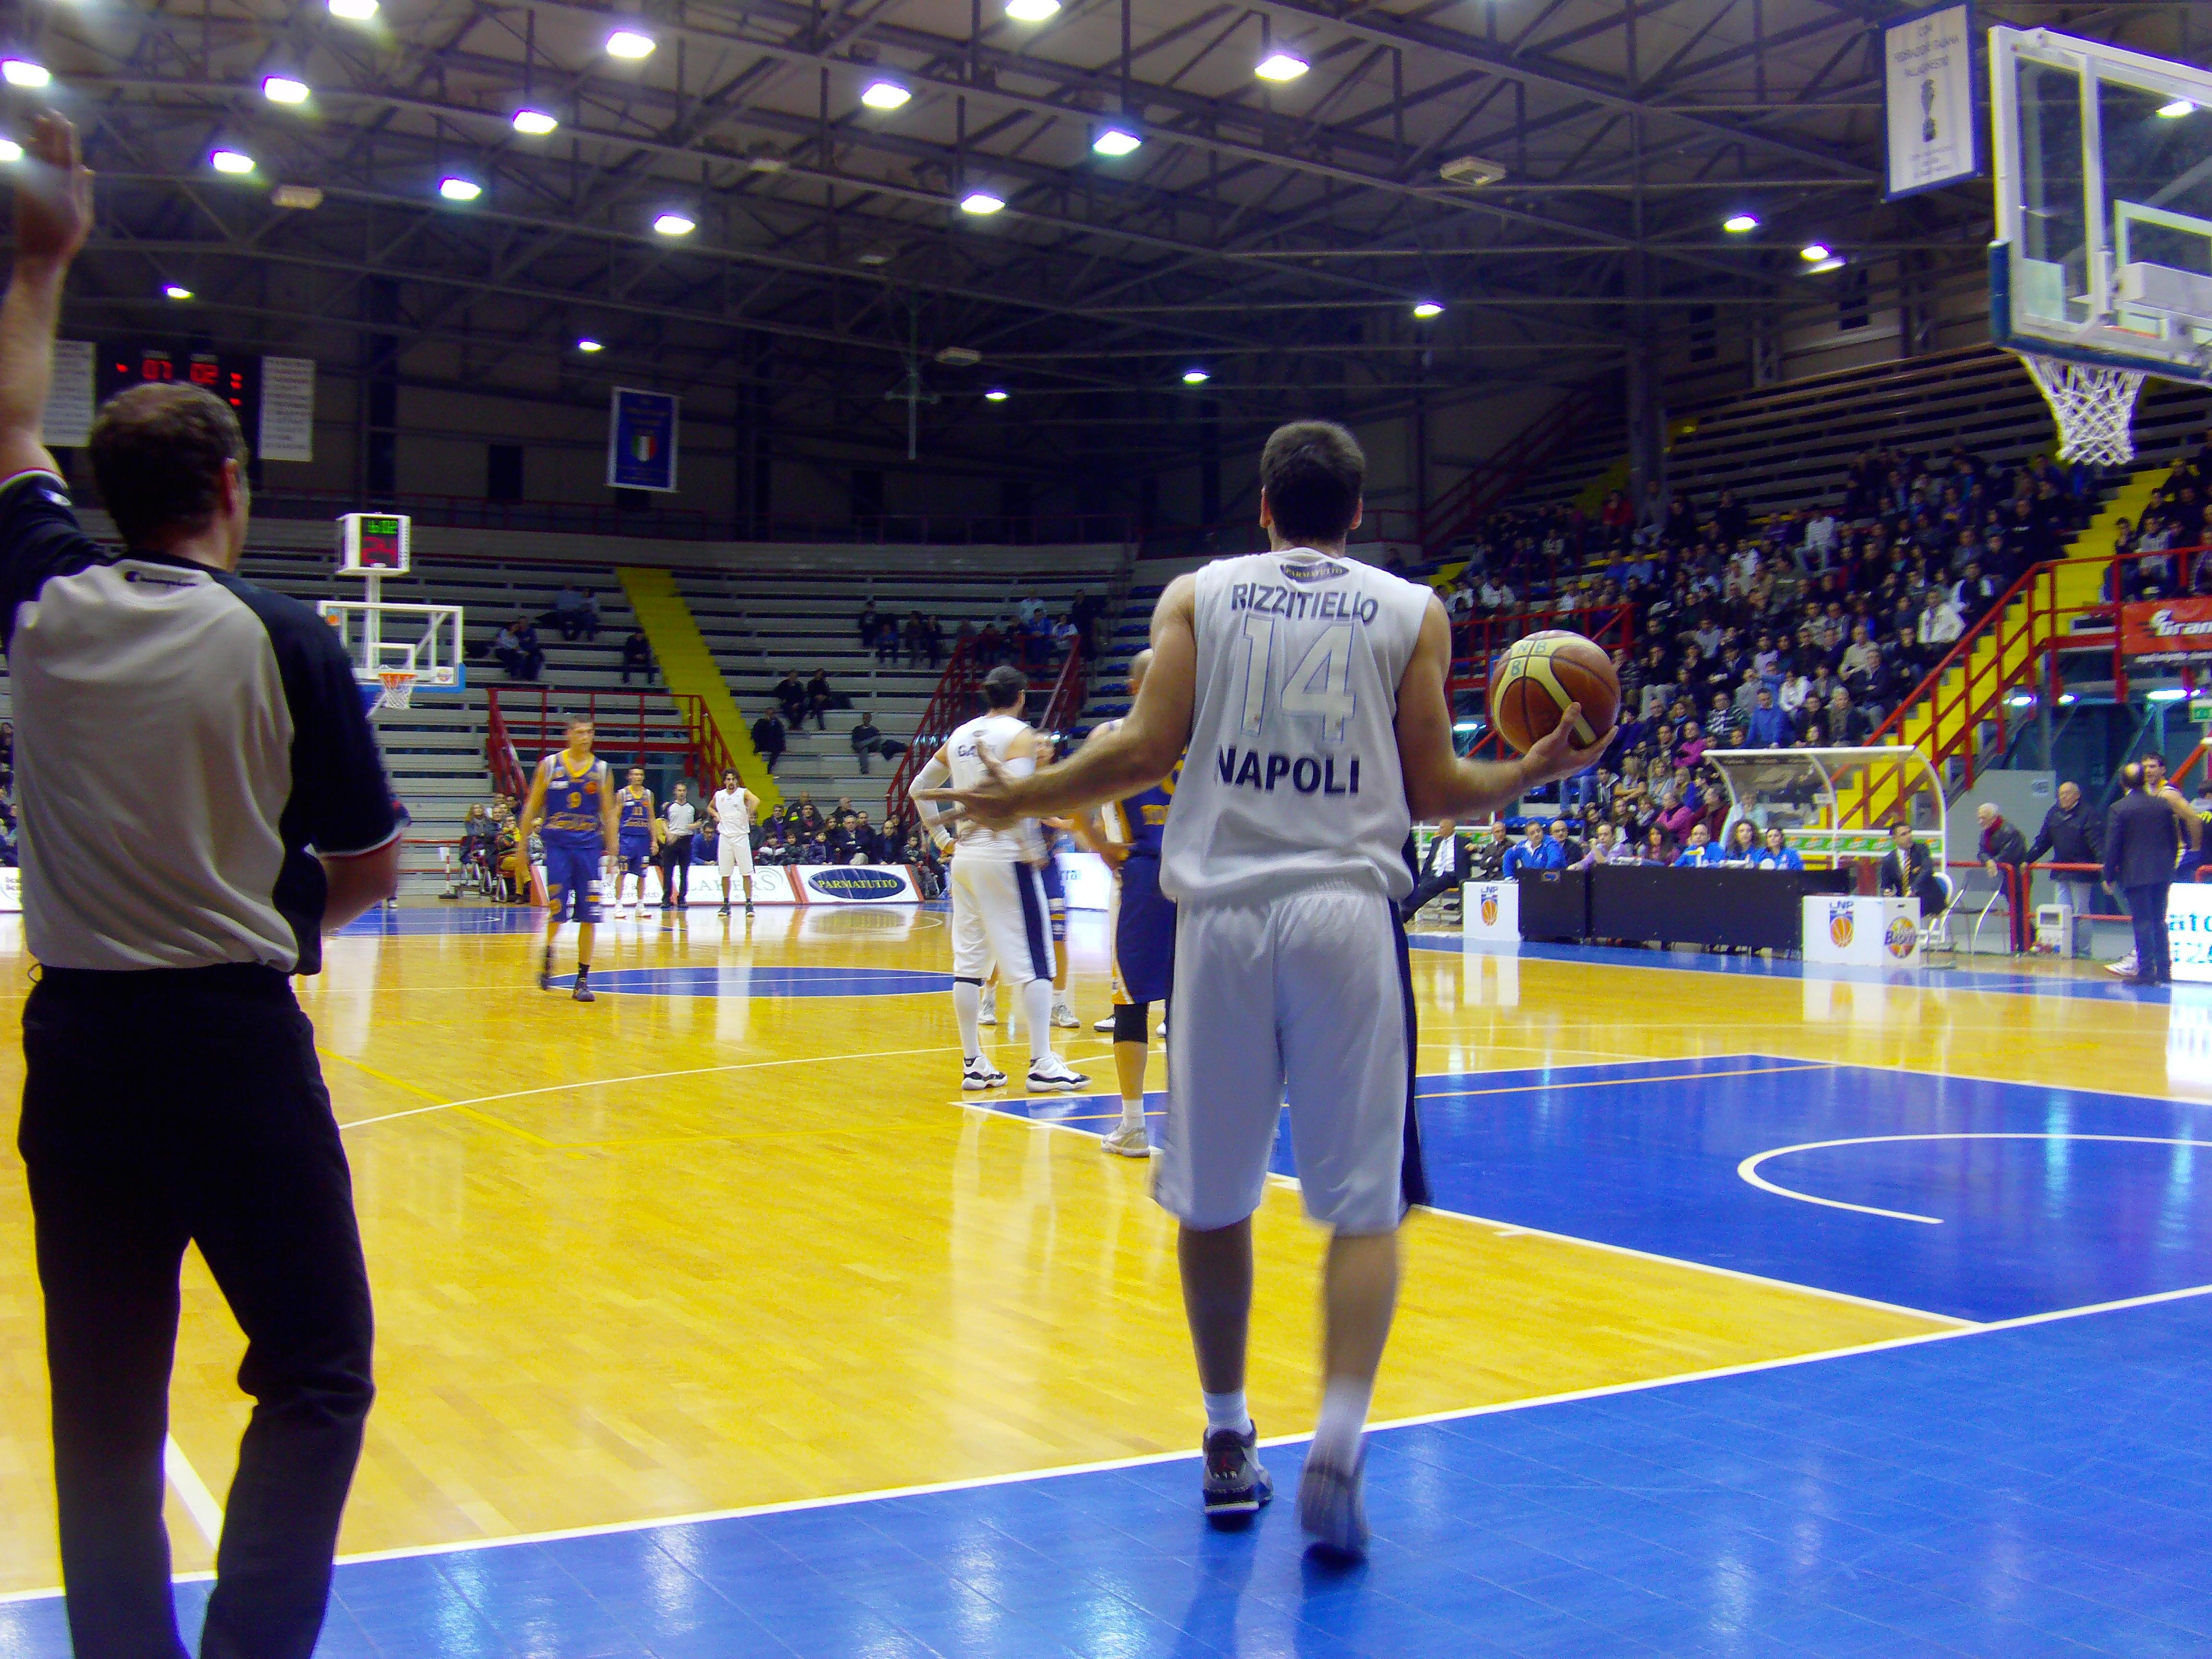 BPMed Napoli Basket-Zerouno Torino 58-50. Napoli sempre più capolista!